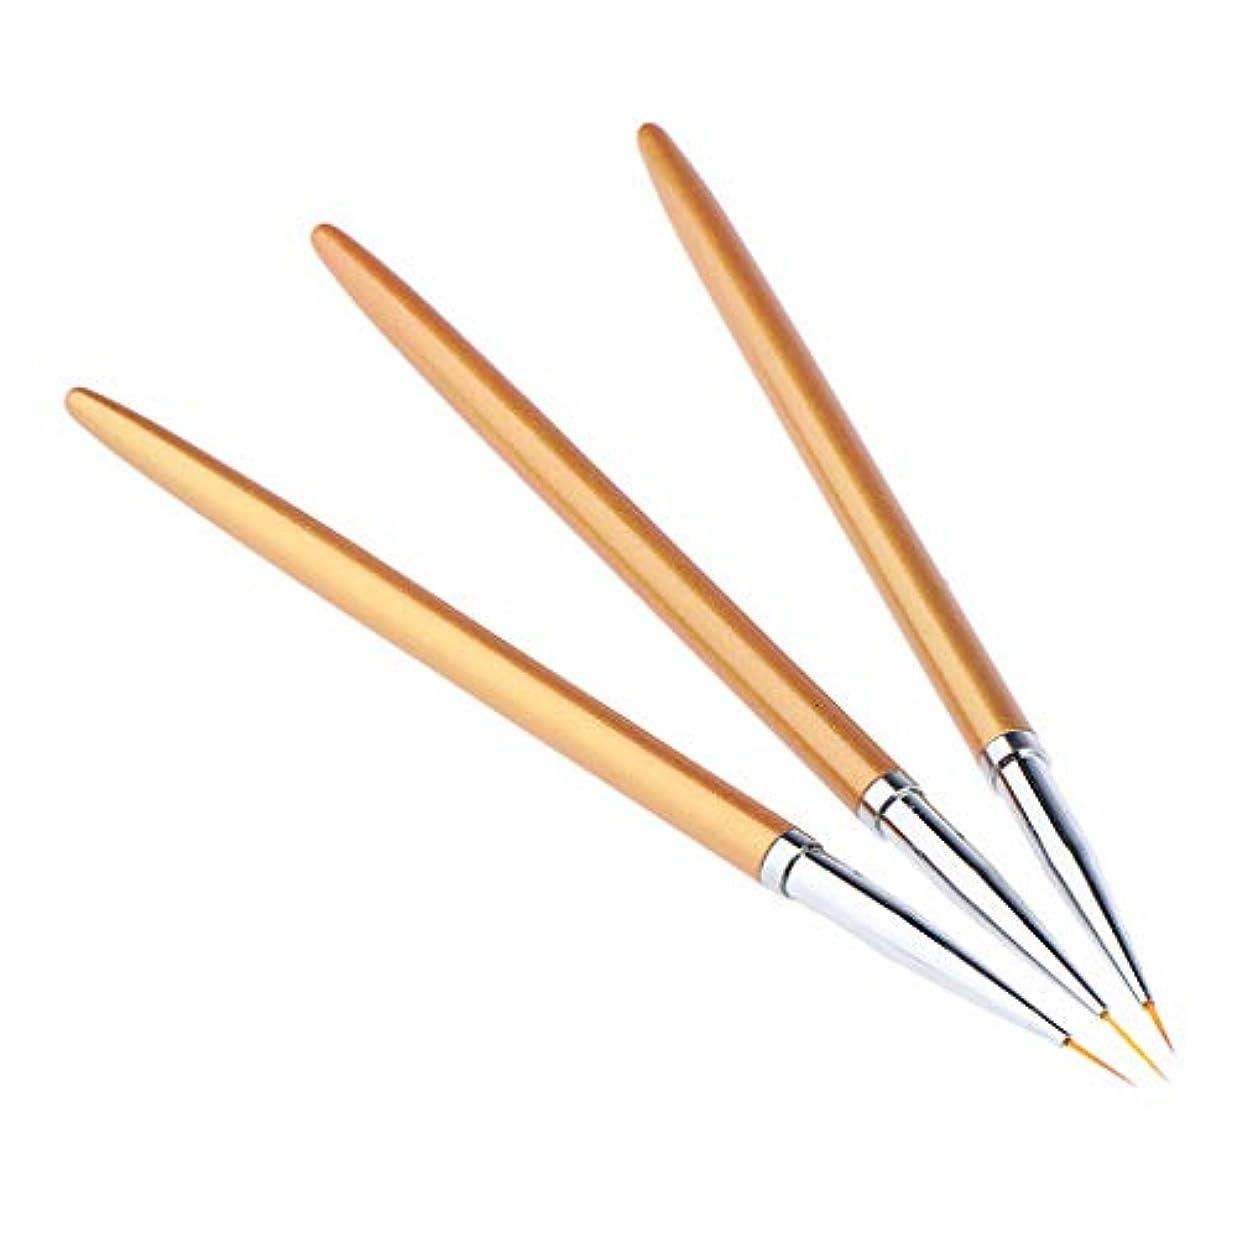 Perfeclan ネイルアートペン ネイルブラシセット ネイルアートブラシ 絵画ペン 3本入り